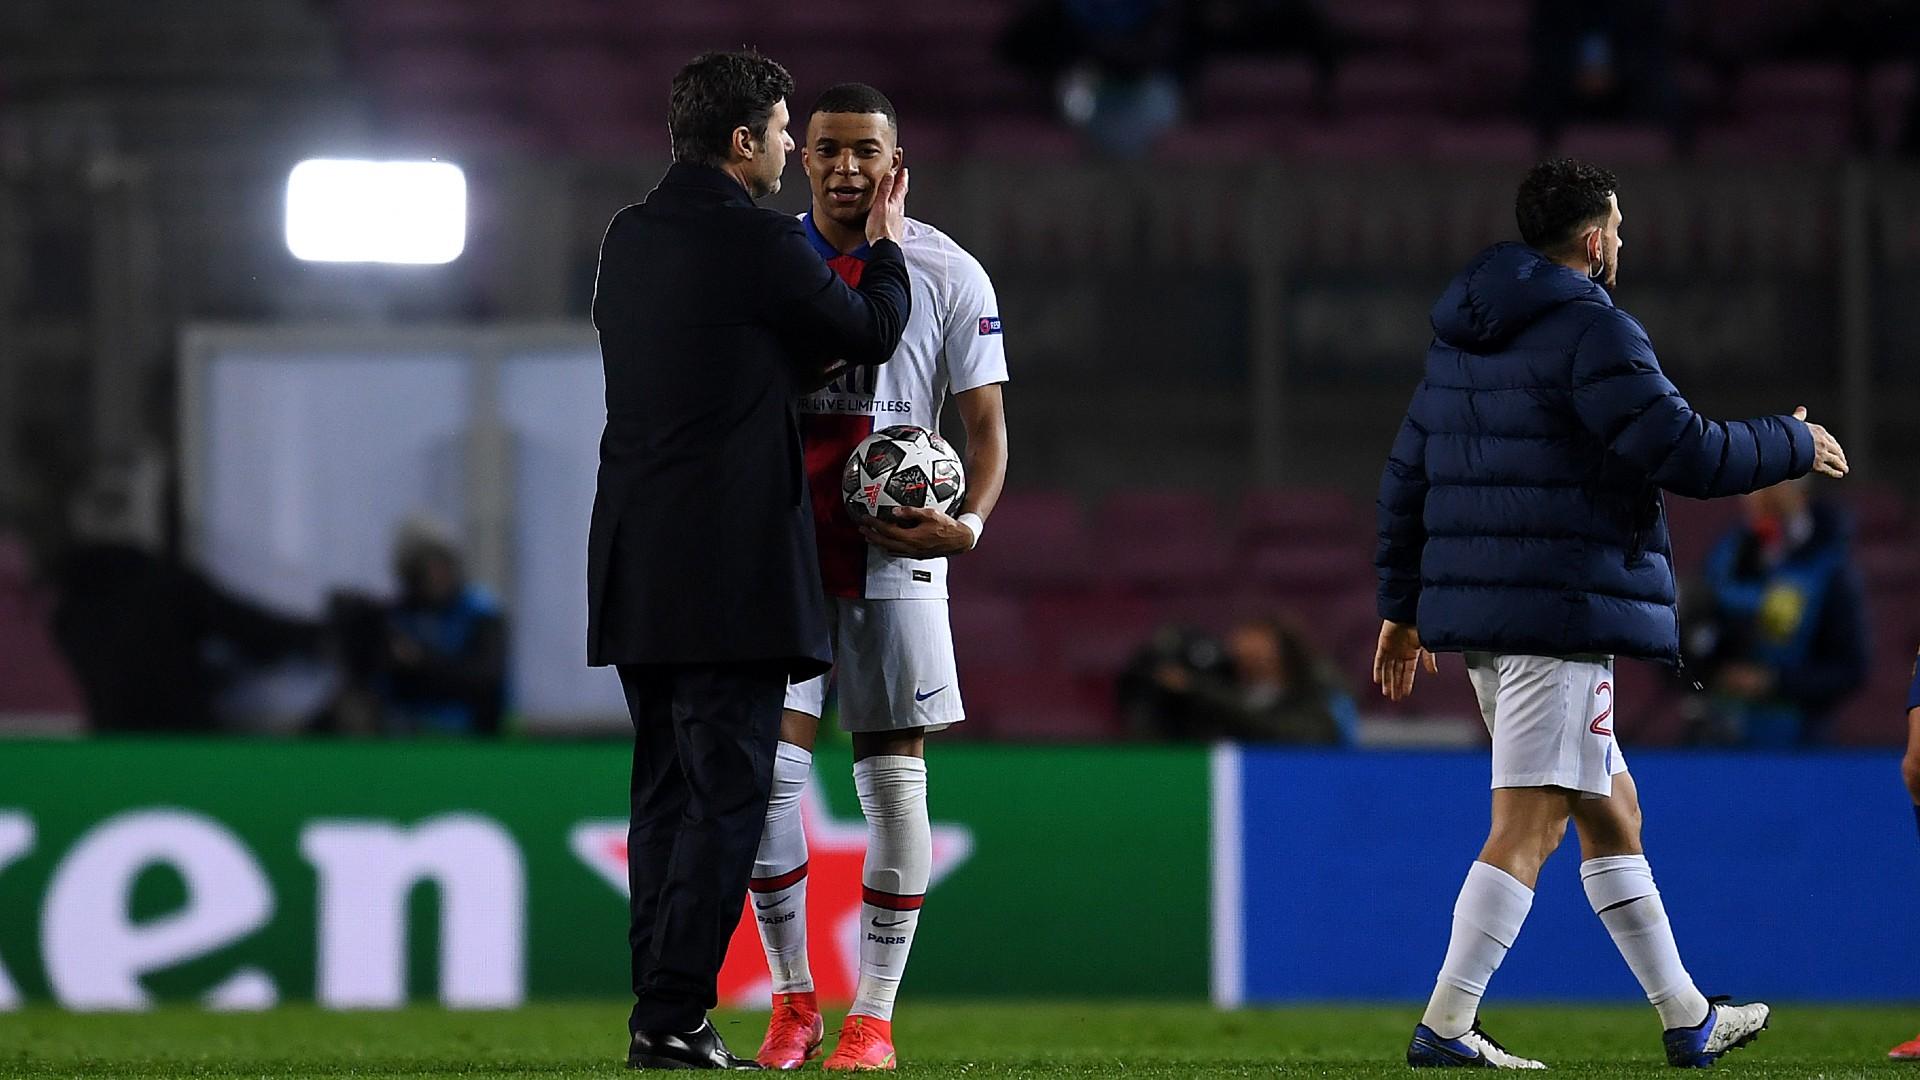 Mbappe's uncertain PSG future to 'be clarified soon' says Pochettino